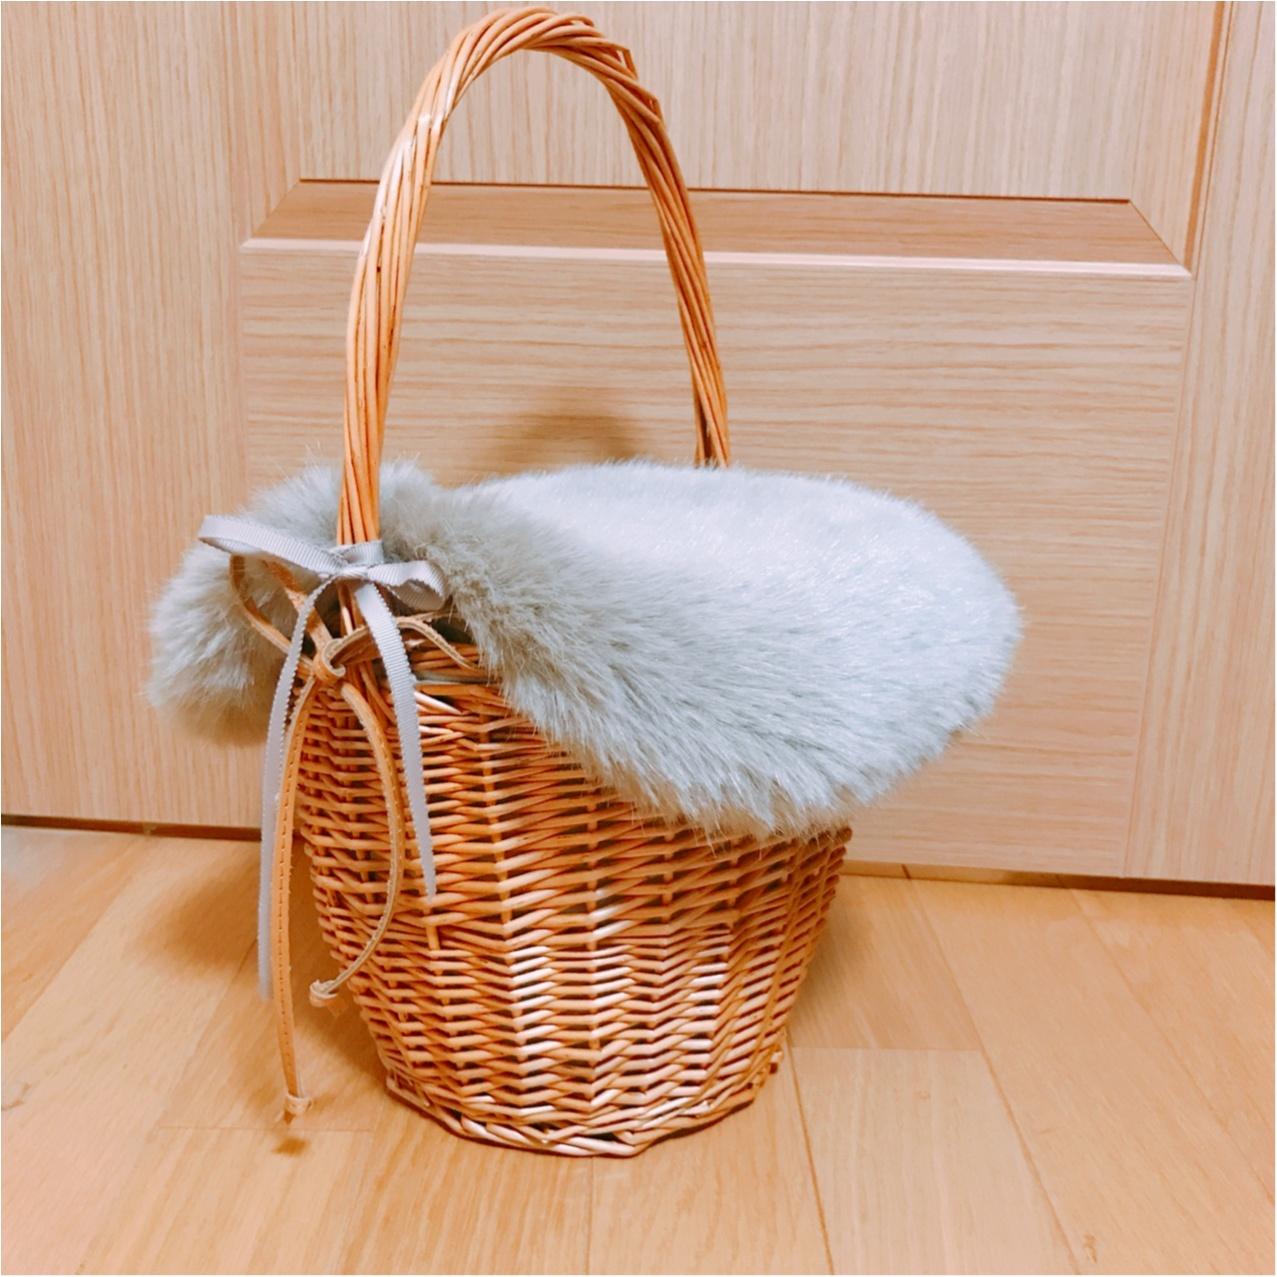 おしゃれさんは冬でも持ってる!?【かごバッグ】を冬仕様にリメイク♡_2